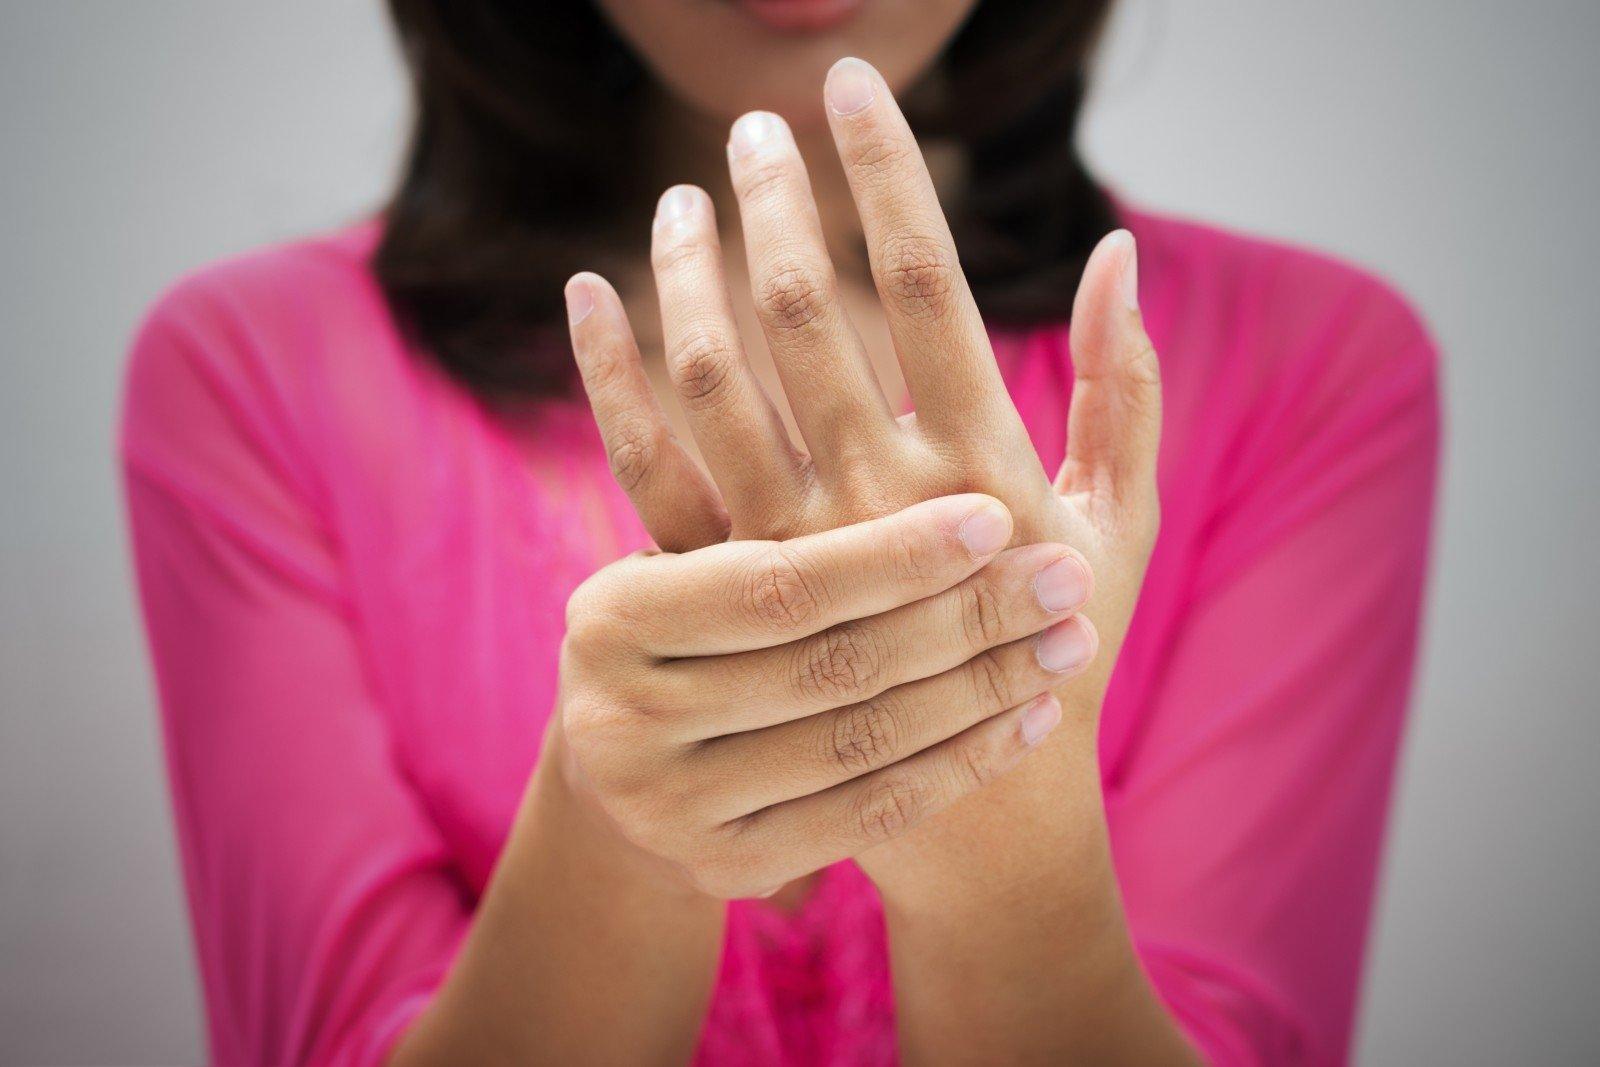 skauda bendrą mergaitę dešinės rankos gydymas skauda piršto sąnarys ant rankos gydymas